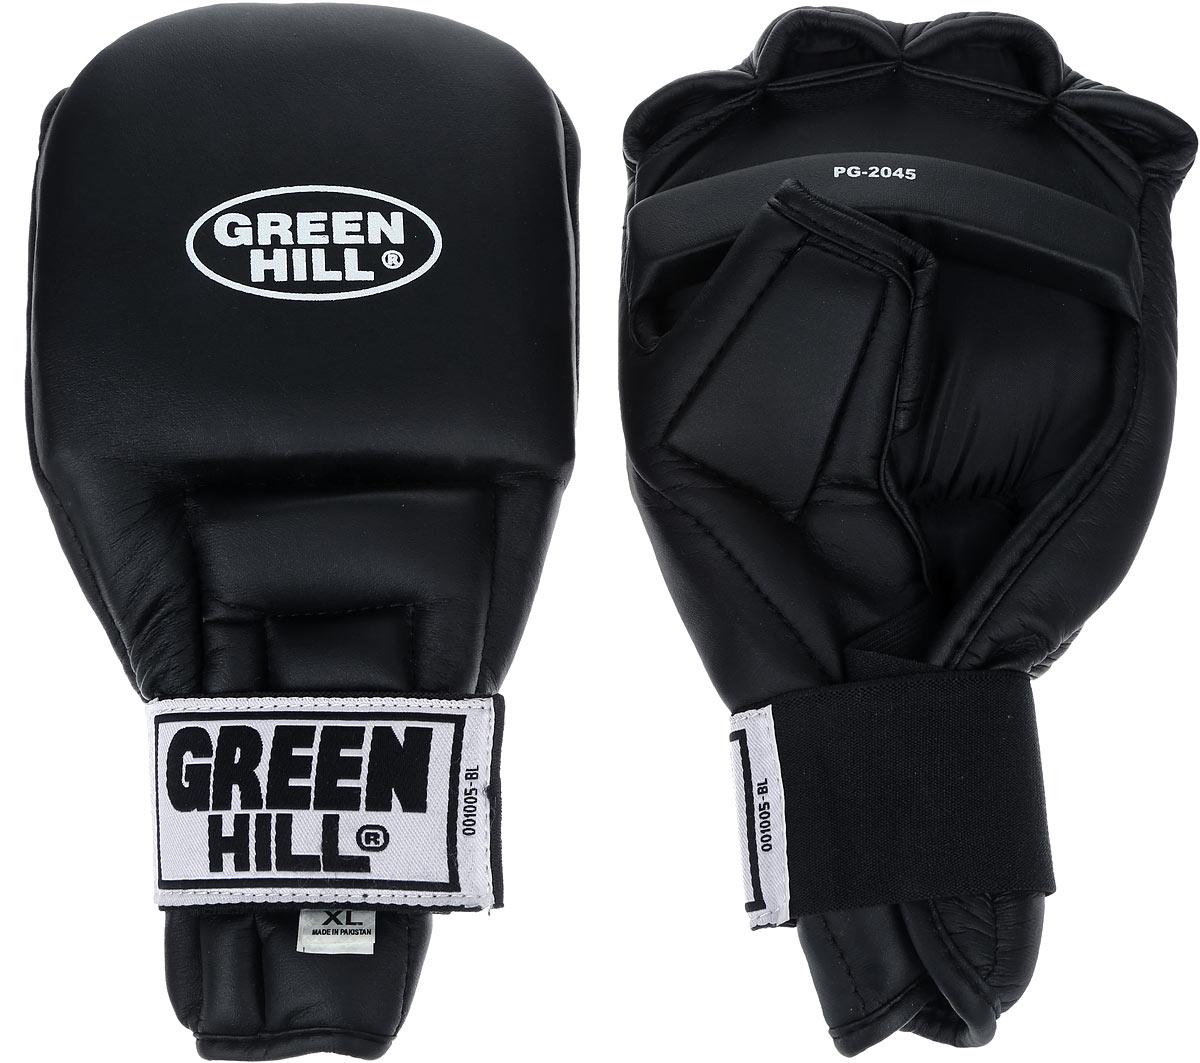 Перчатки для рукопашного боя Green Hill, цвет: черный. Размер XL. PG-2045PG-2045Перчатки для рукопашного боя Green Hill произведены из высококачественной искусственной кожи. Подойдут для занятий кунг-фу. Конструкция предусматривает открытые пальцы - необходимый атрибут для проведения захватов. Манжеты на липучках позволяют быстро снимать и надевать перчатки без каких-либо неудобств. Анатомическая посадка предохраняет руки от повреждений.